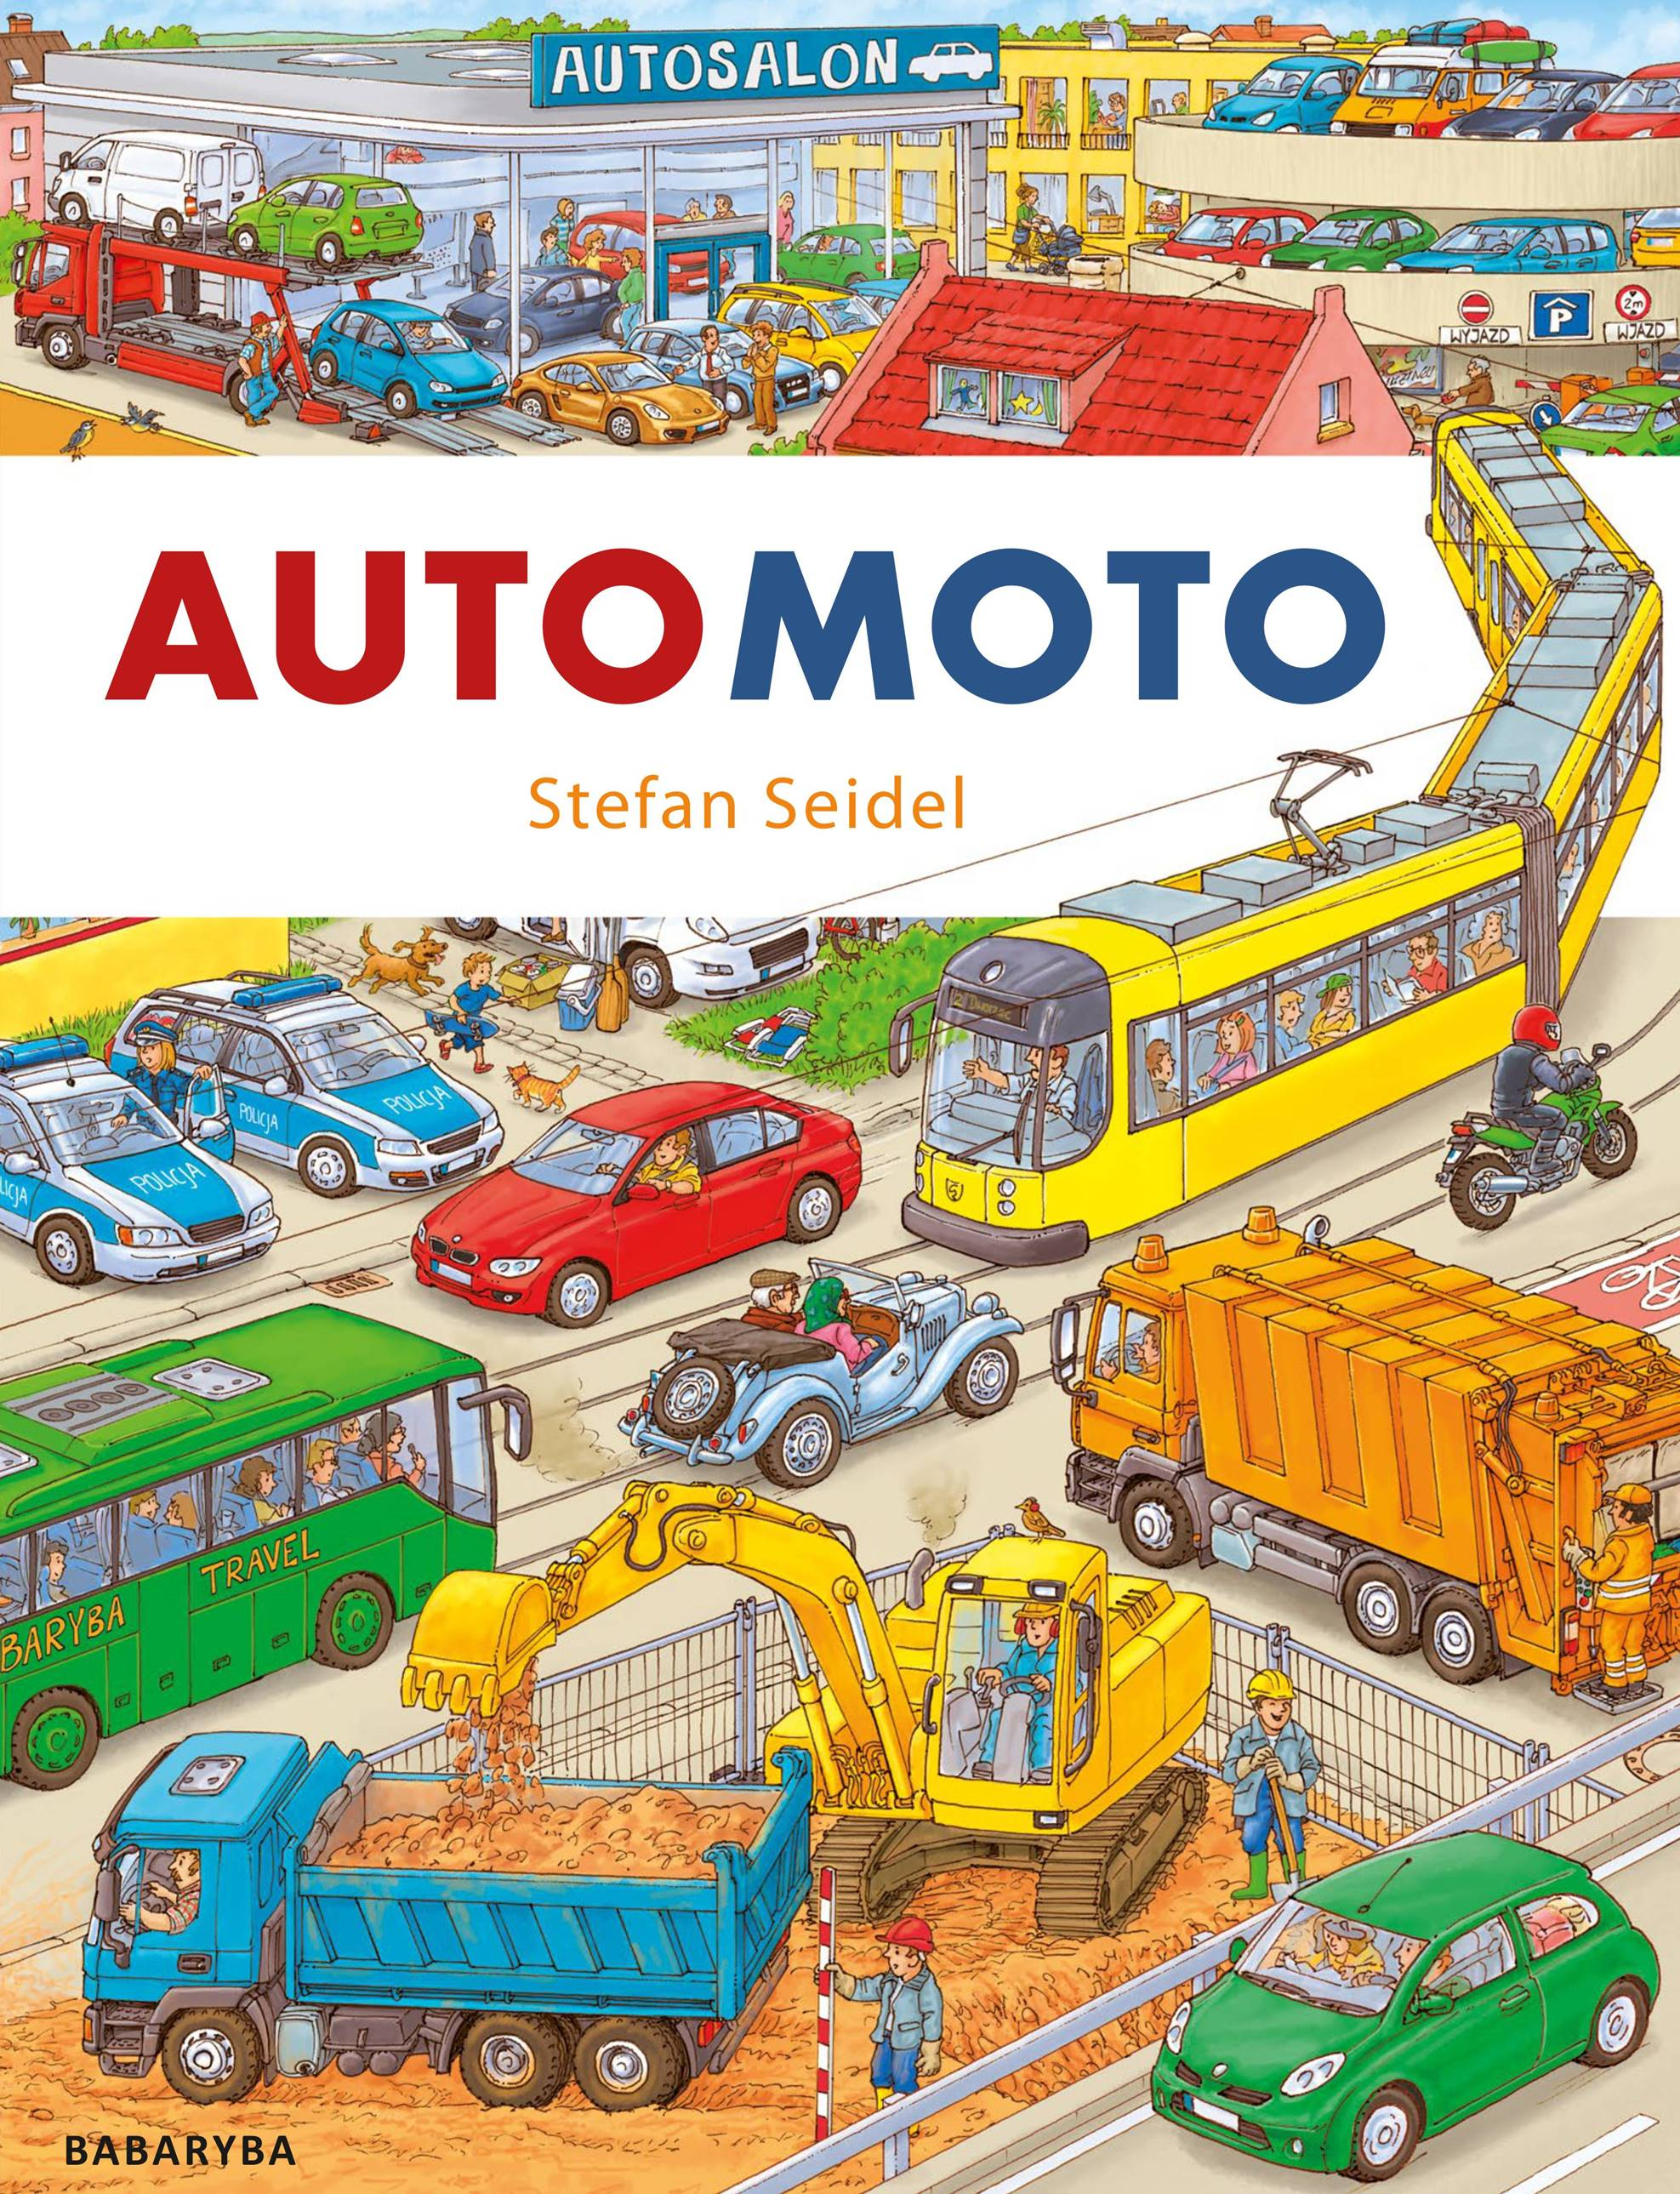 stefan-seidel-auto-moto